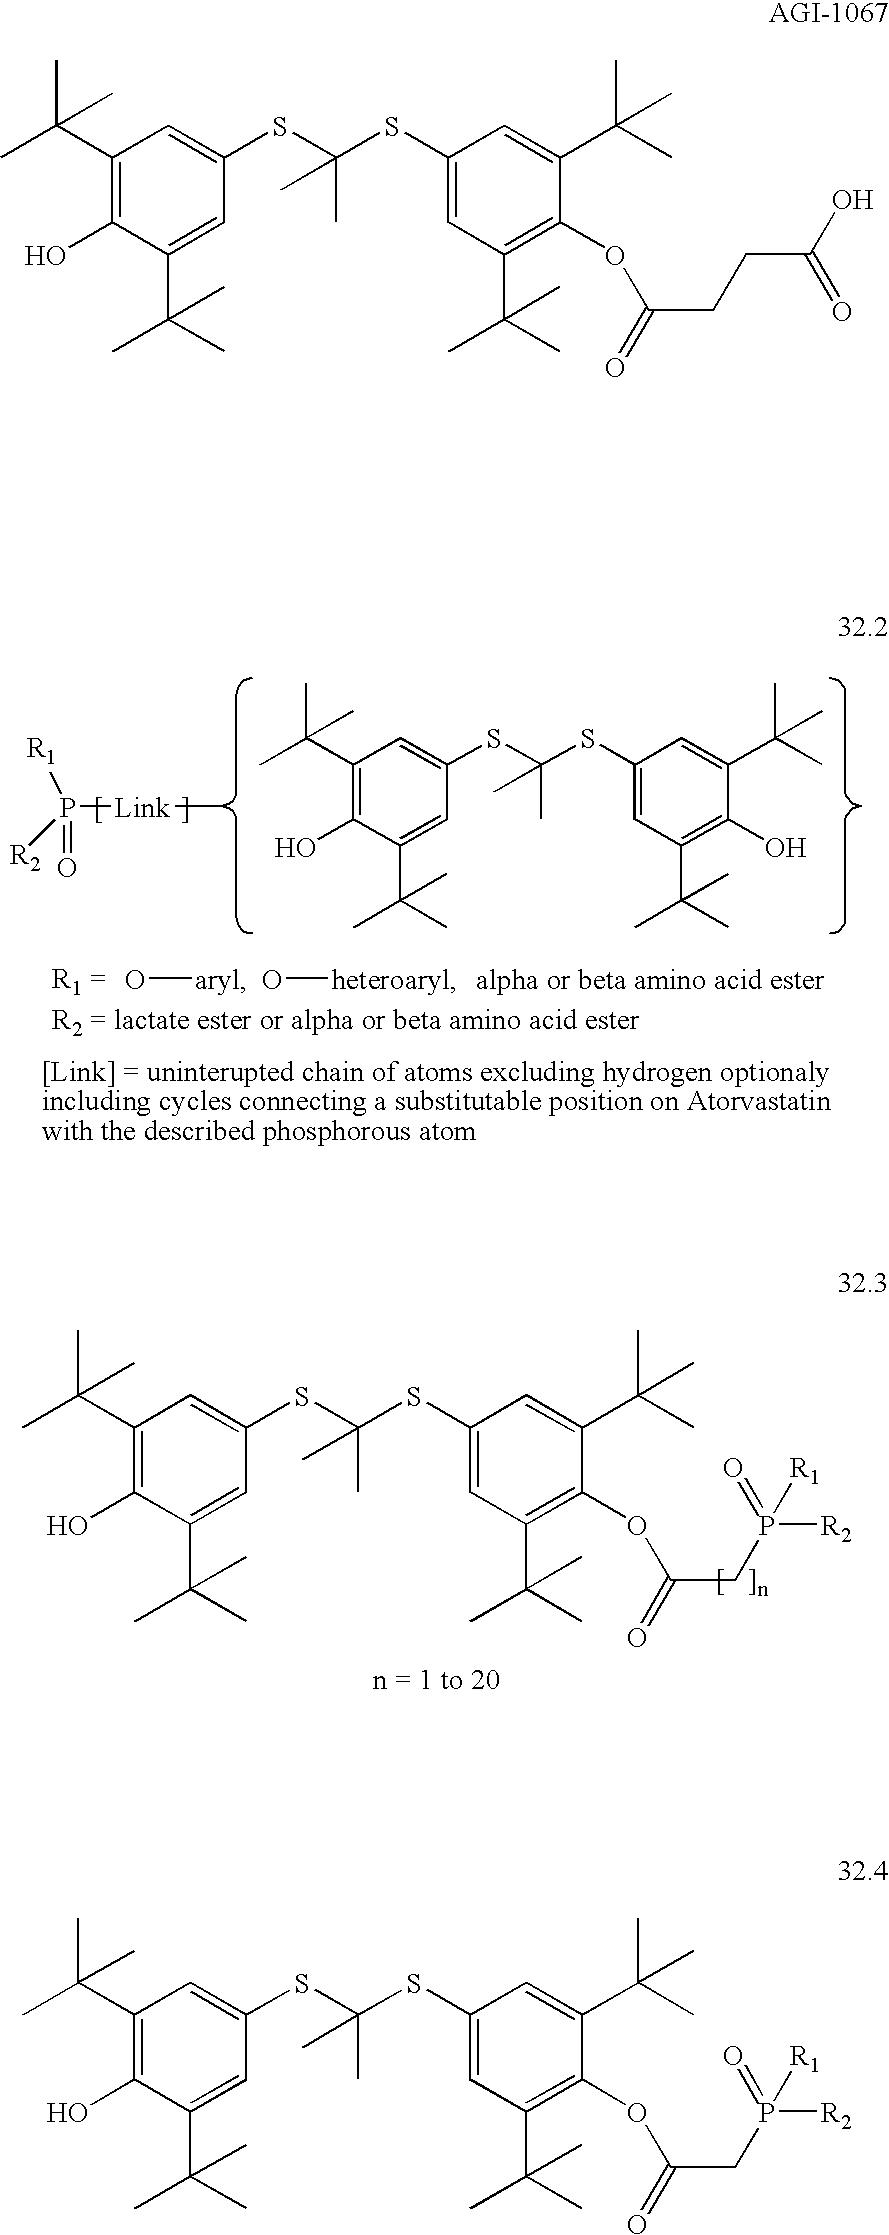 Figure US07407965-20080805-C00243